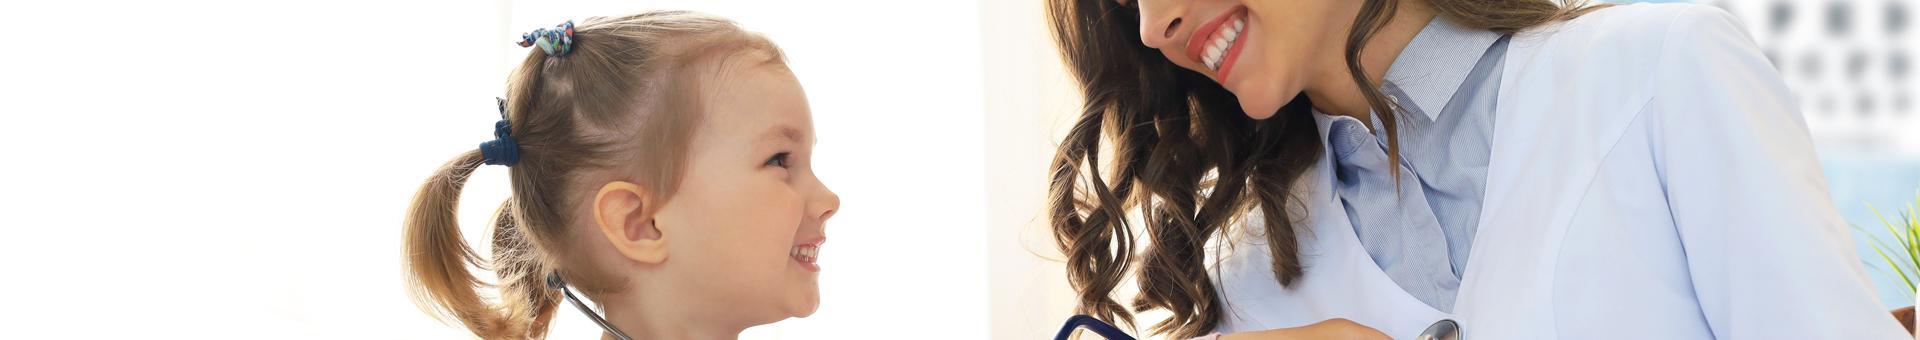 Les familles wallonnes et les soins de santé